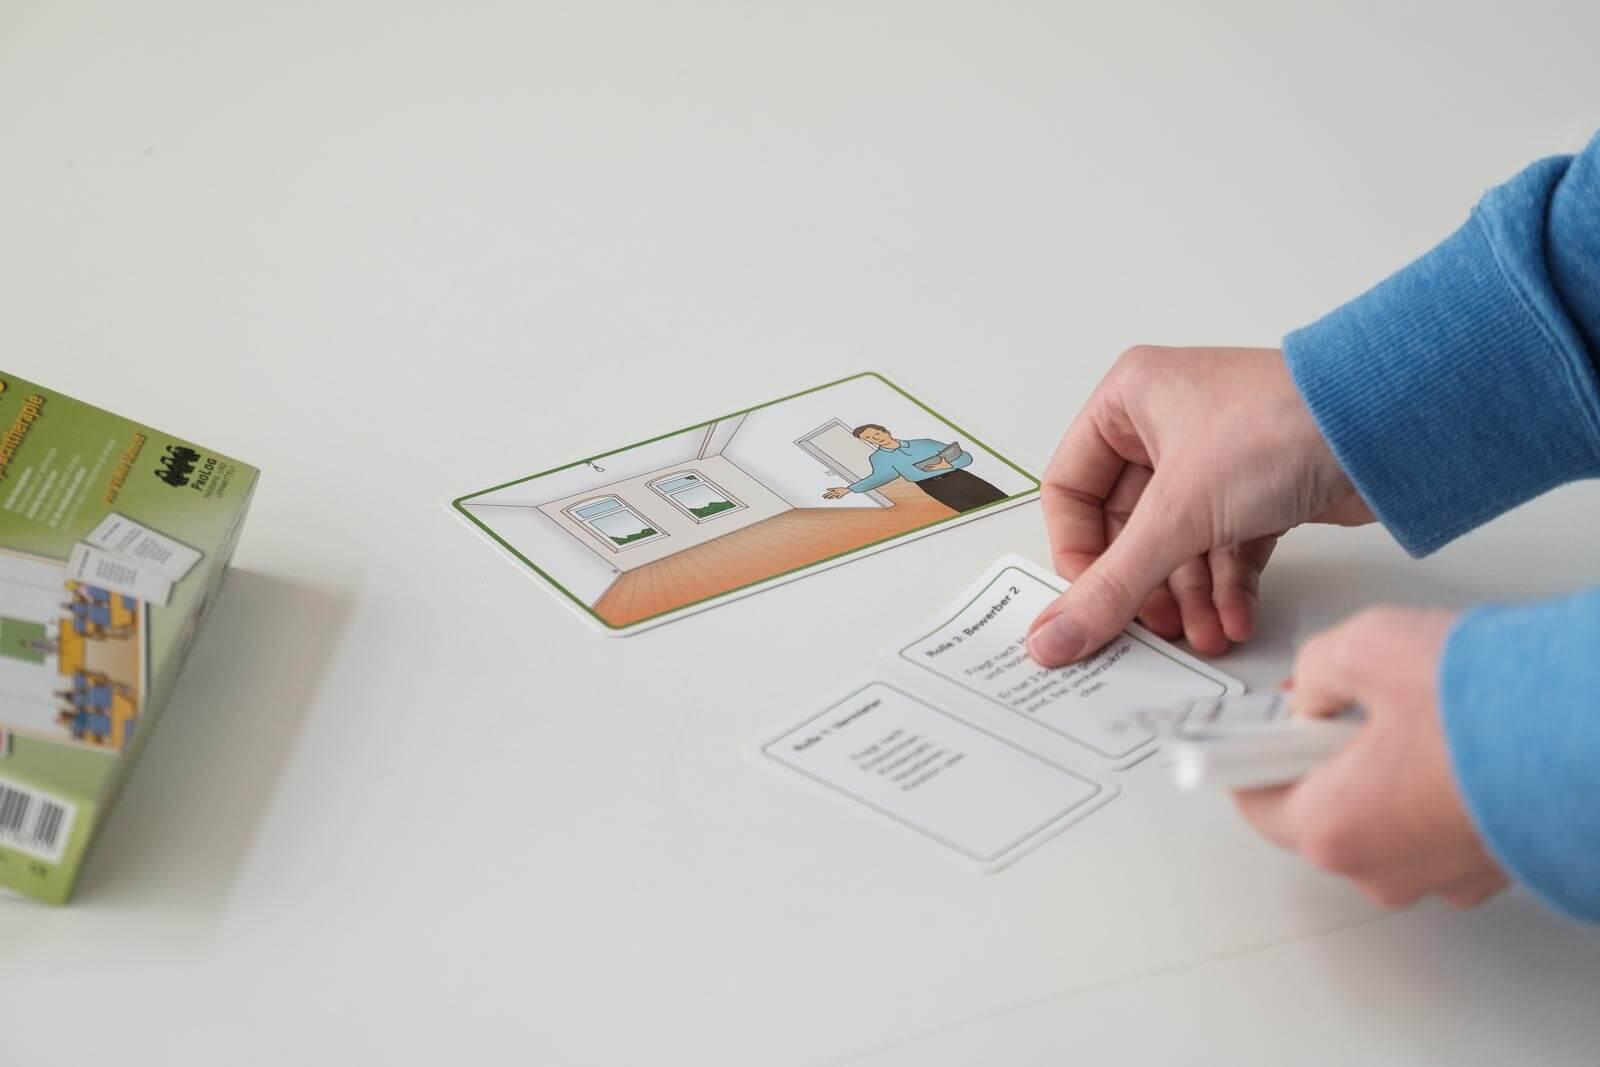 Zwei Hände, die Spielkarten für ein Rollenspiel auf einen weißen Tisch legen